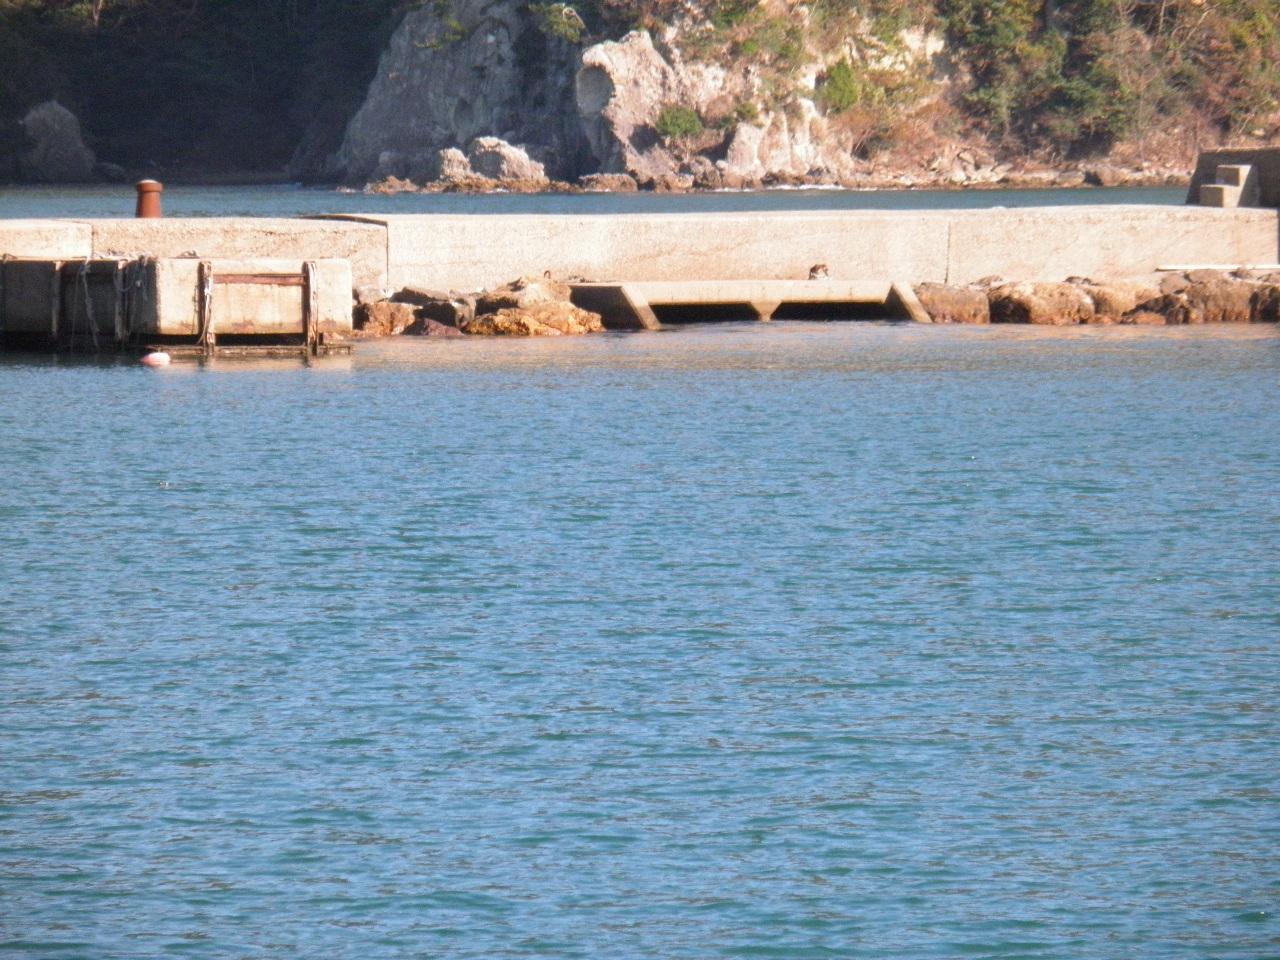 柴山港赤灯台波止船上げ近くの小突堤、横に海水の出入り口があり、釣れそうに見えて釣れない。しかし、大型のスズキ、チヌを見かけることがある。筆者はここで大チヌを釣ったことがある。